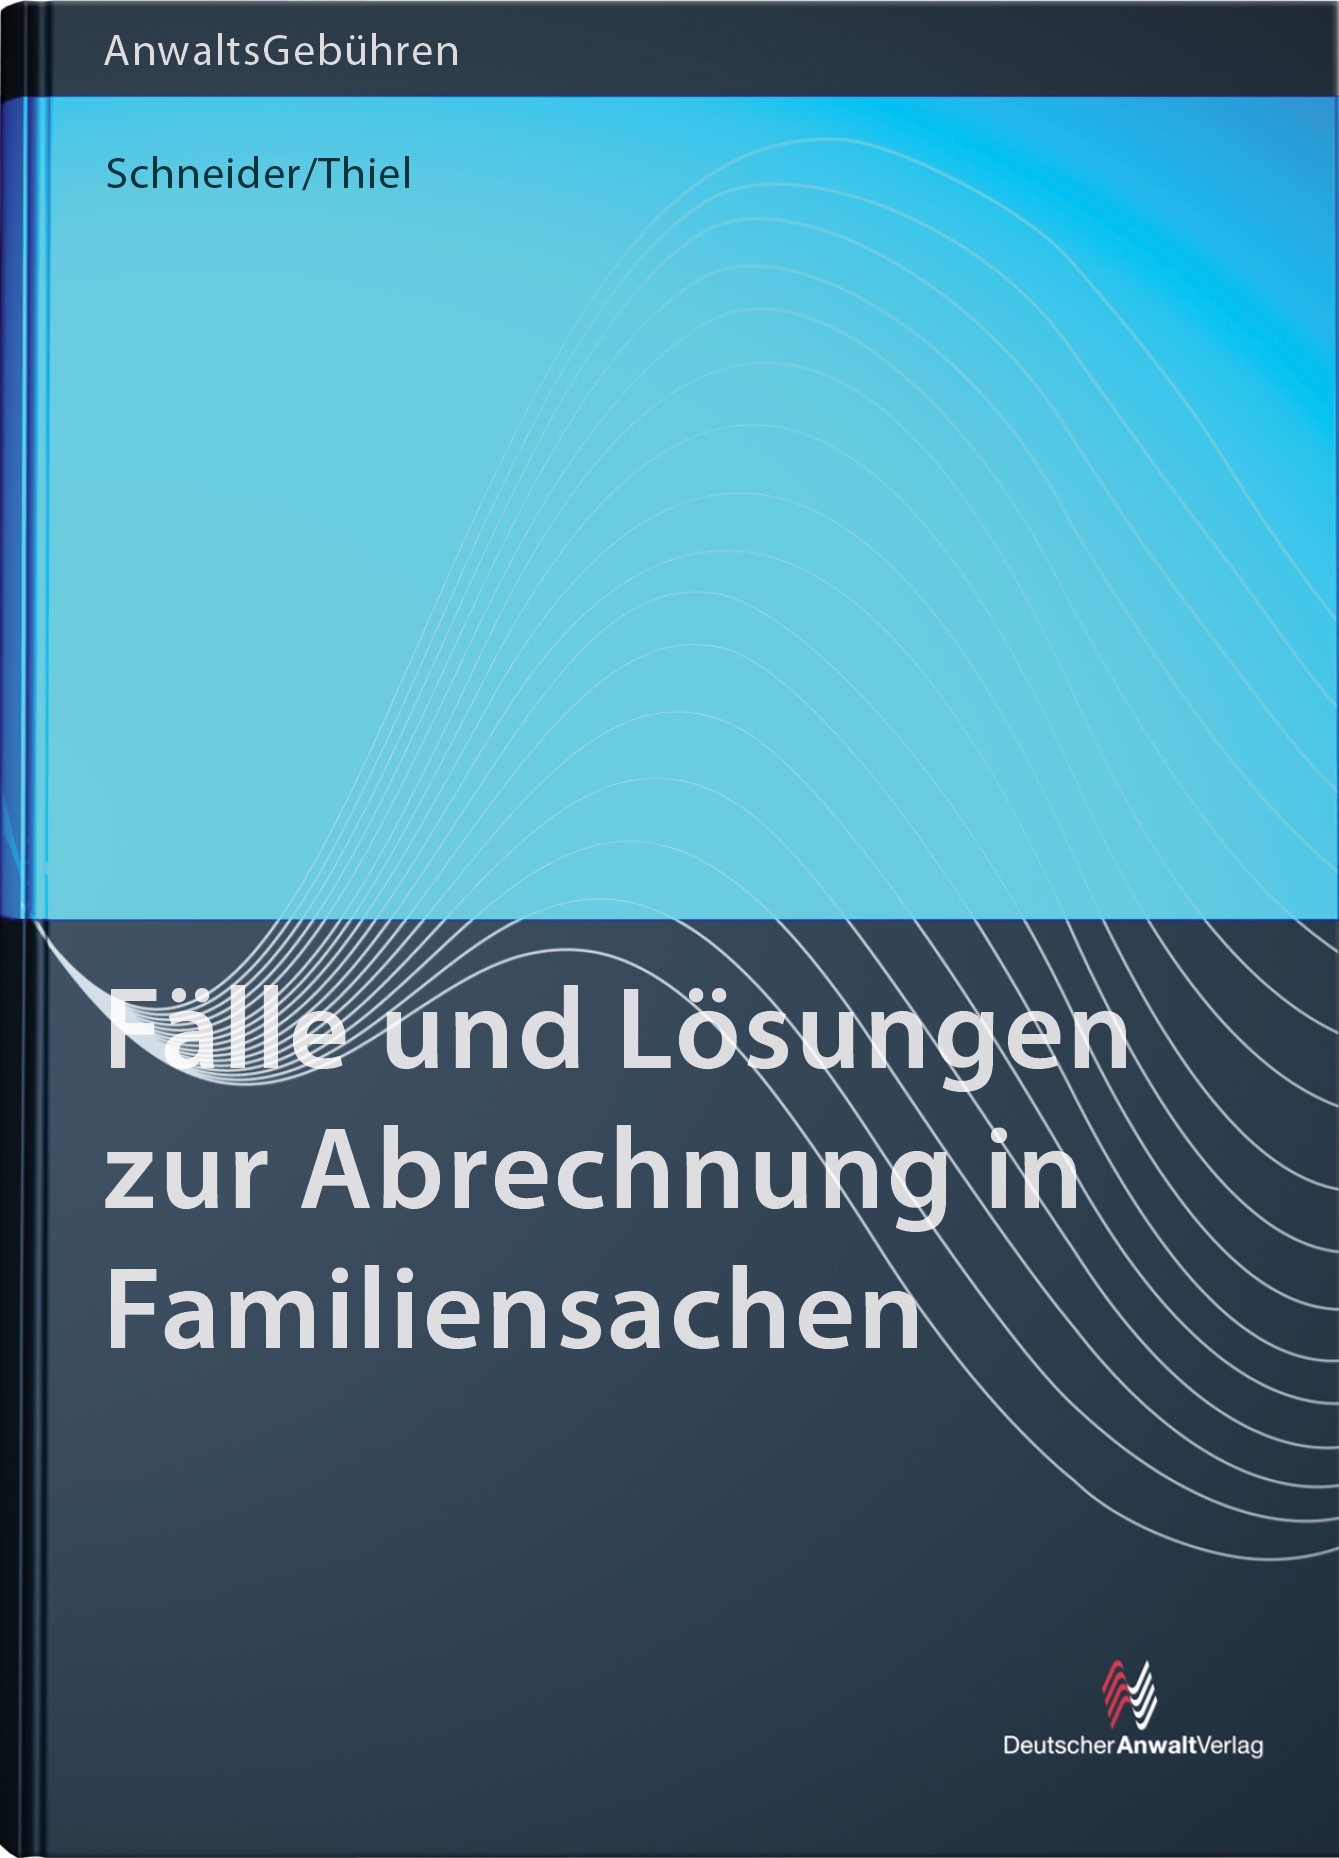 Fälle und Lösungen zur Abrechnung in Familiensachen | Schneider / Thiel, 2015 | Buch (Cover)